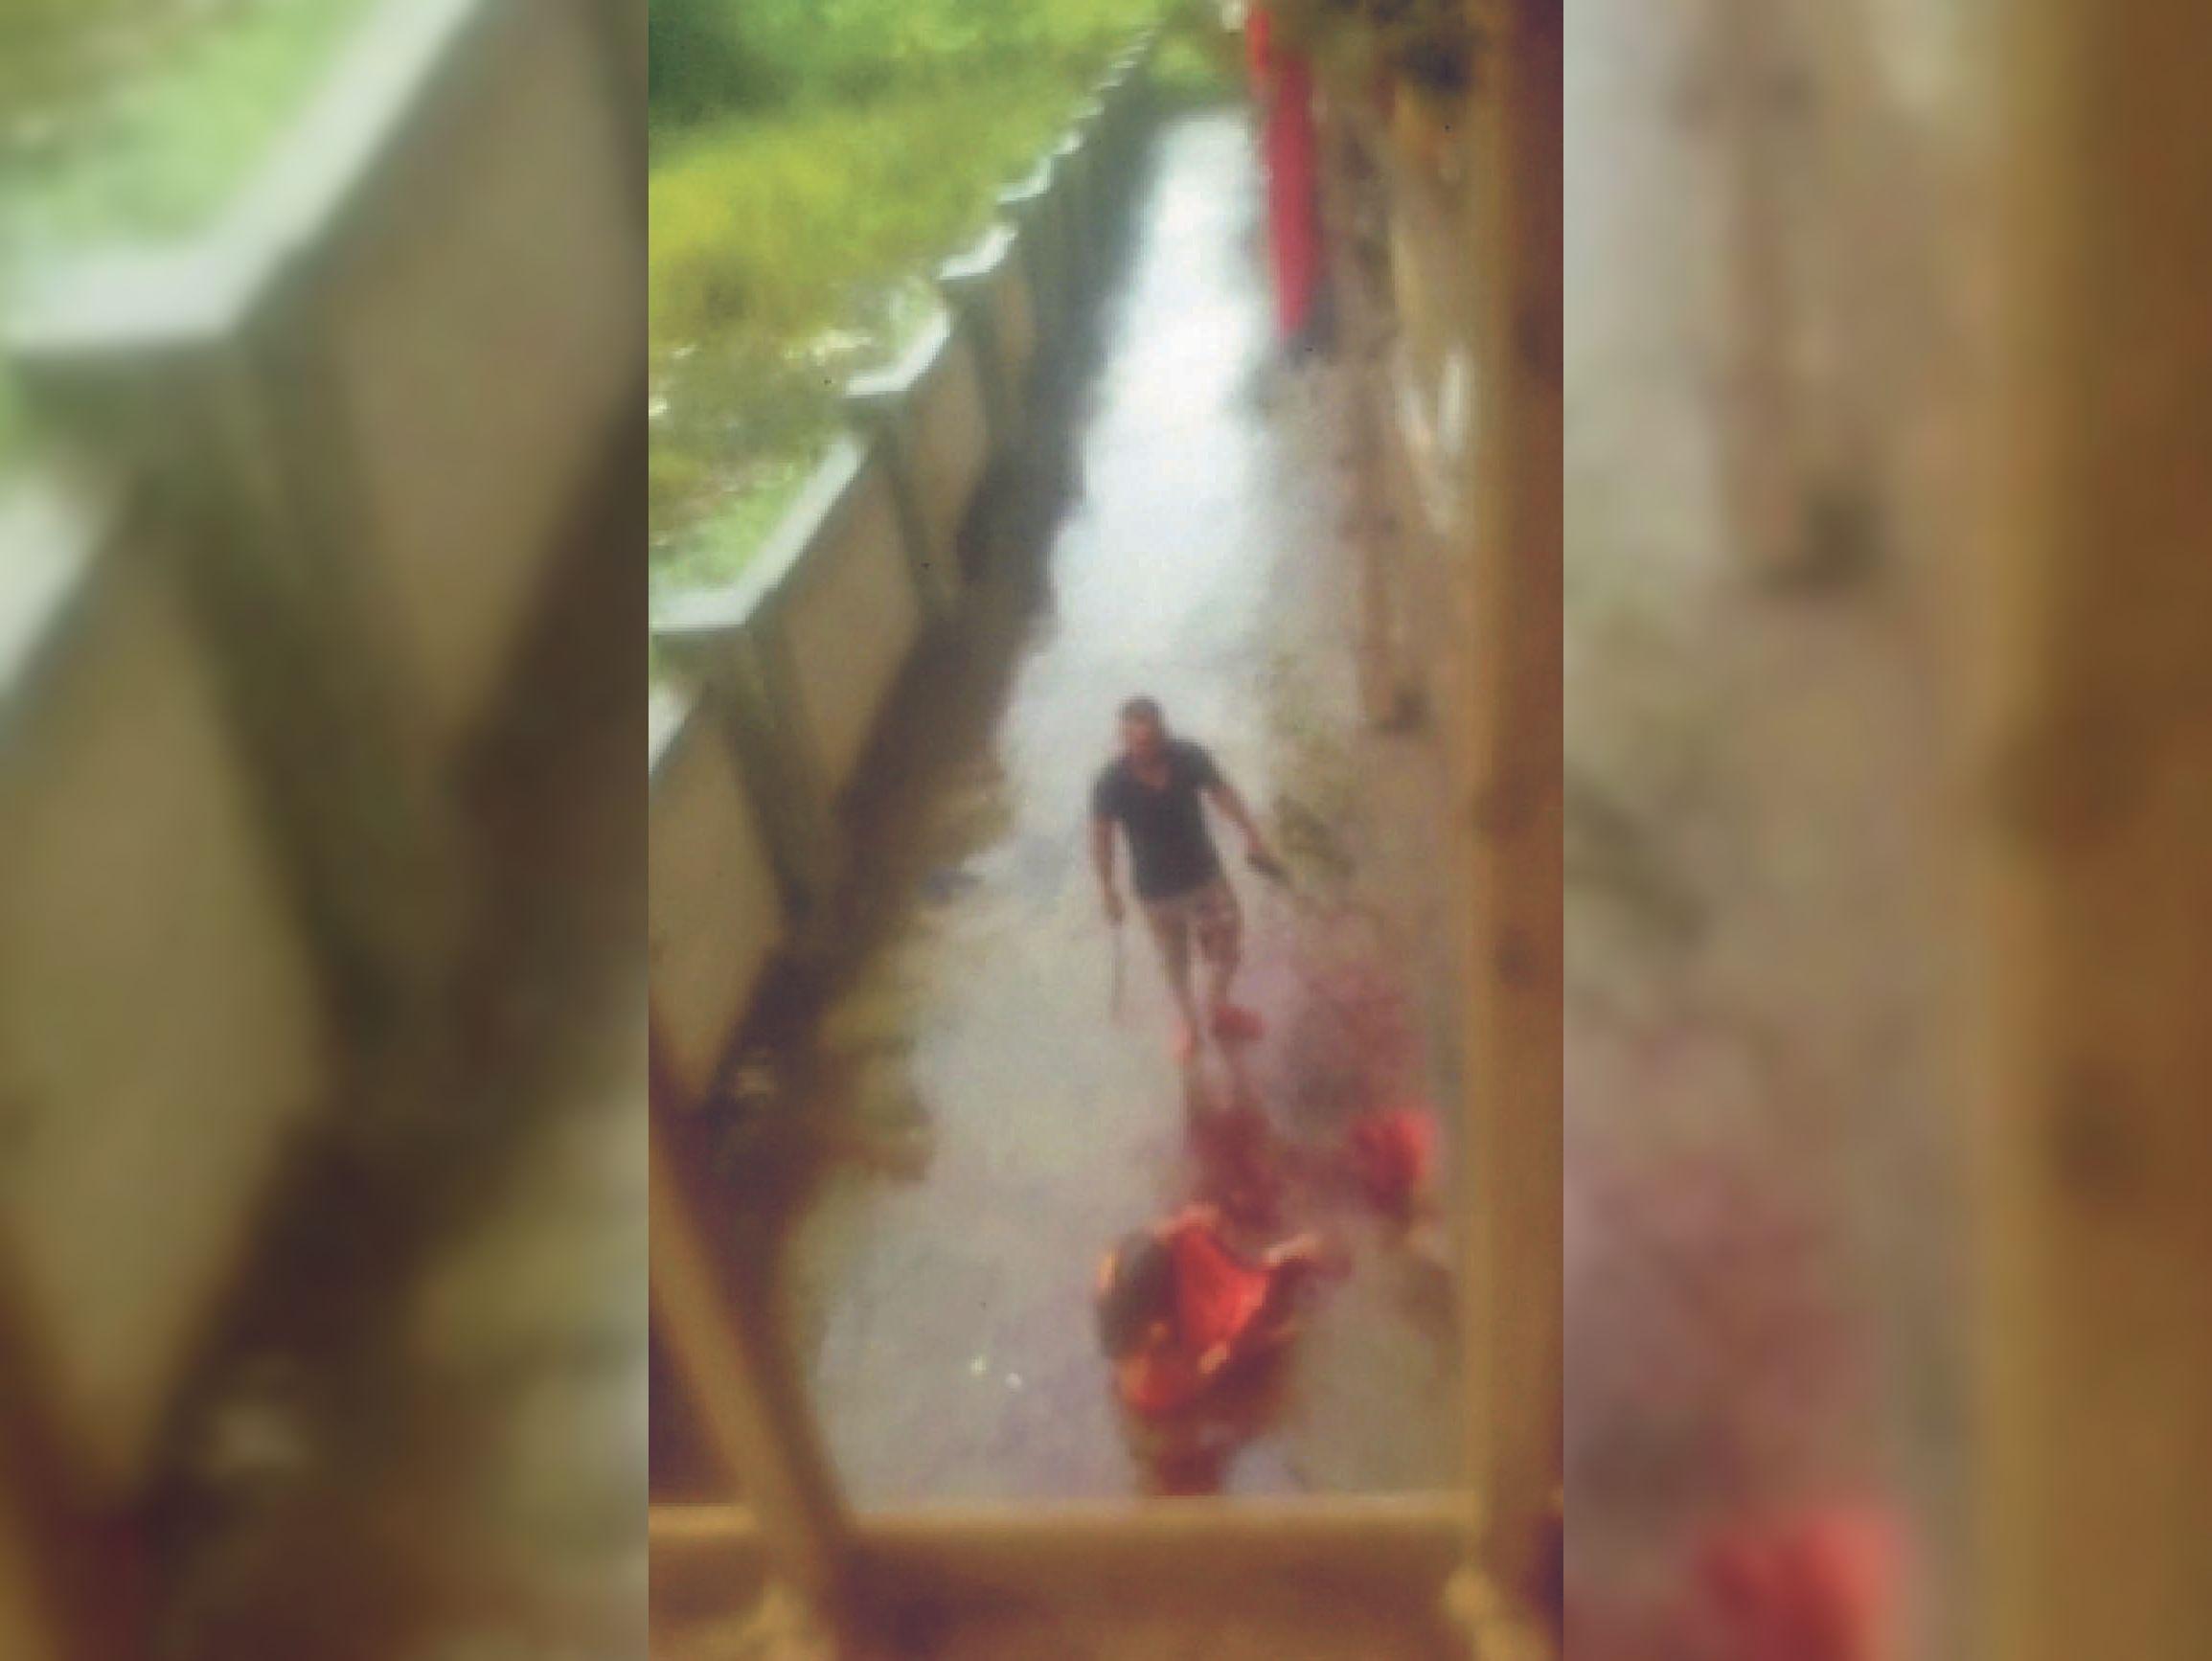 बांकली गांव के वृद्ध की महाराष्ट्र में हत्या, दामाद ने हथियार से किए वार|पाली,Pali - Dainik Bhaskar